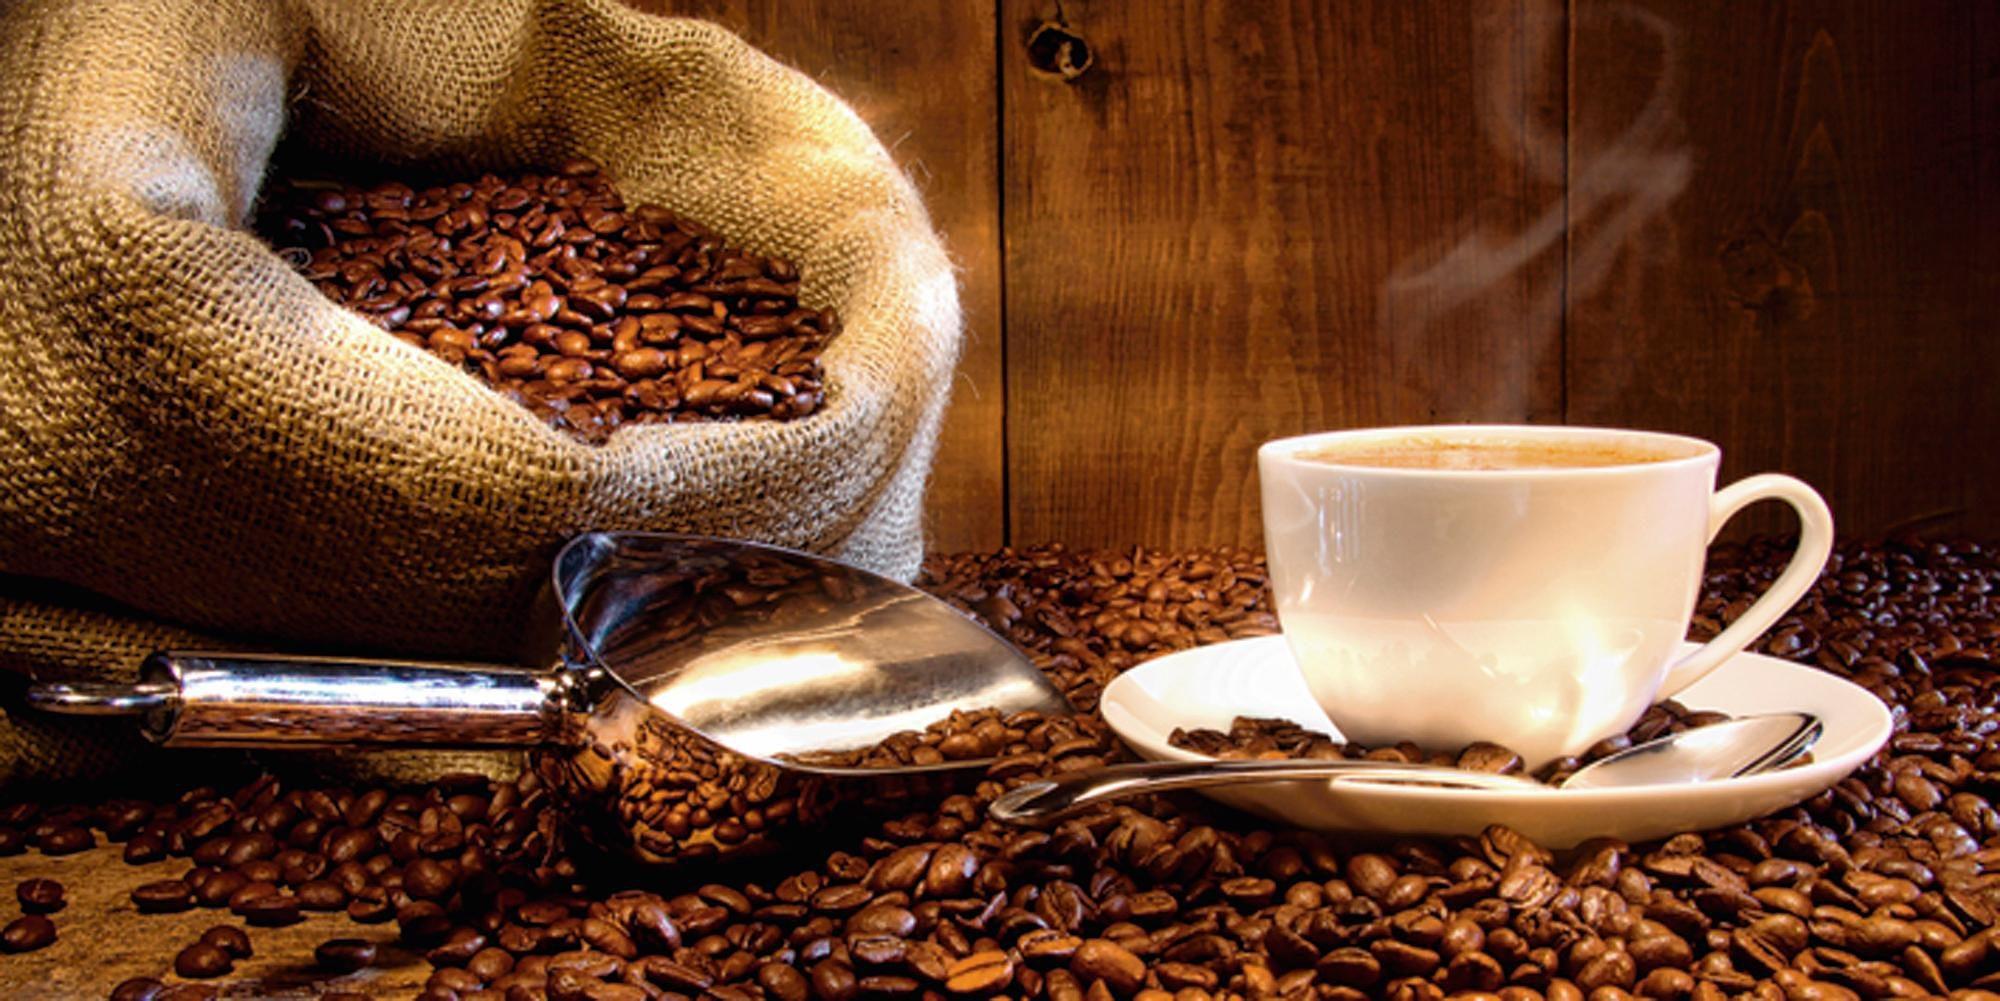 Home affaire Glasbild S Cunningham Kaffeetasse und Leinensack mit Kaffeebohnen Kaffee 60